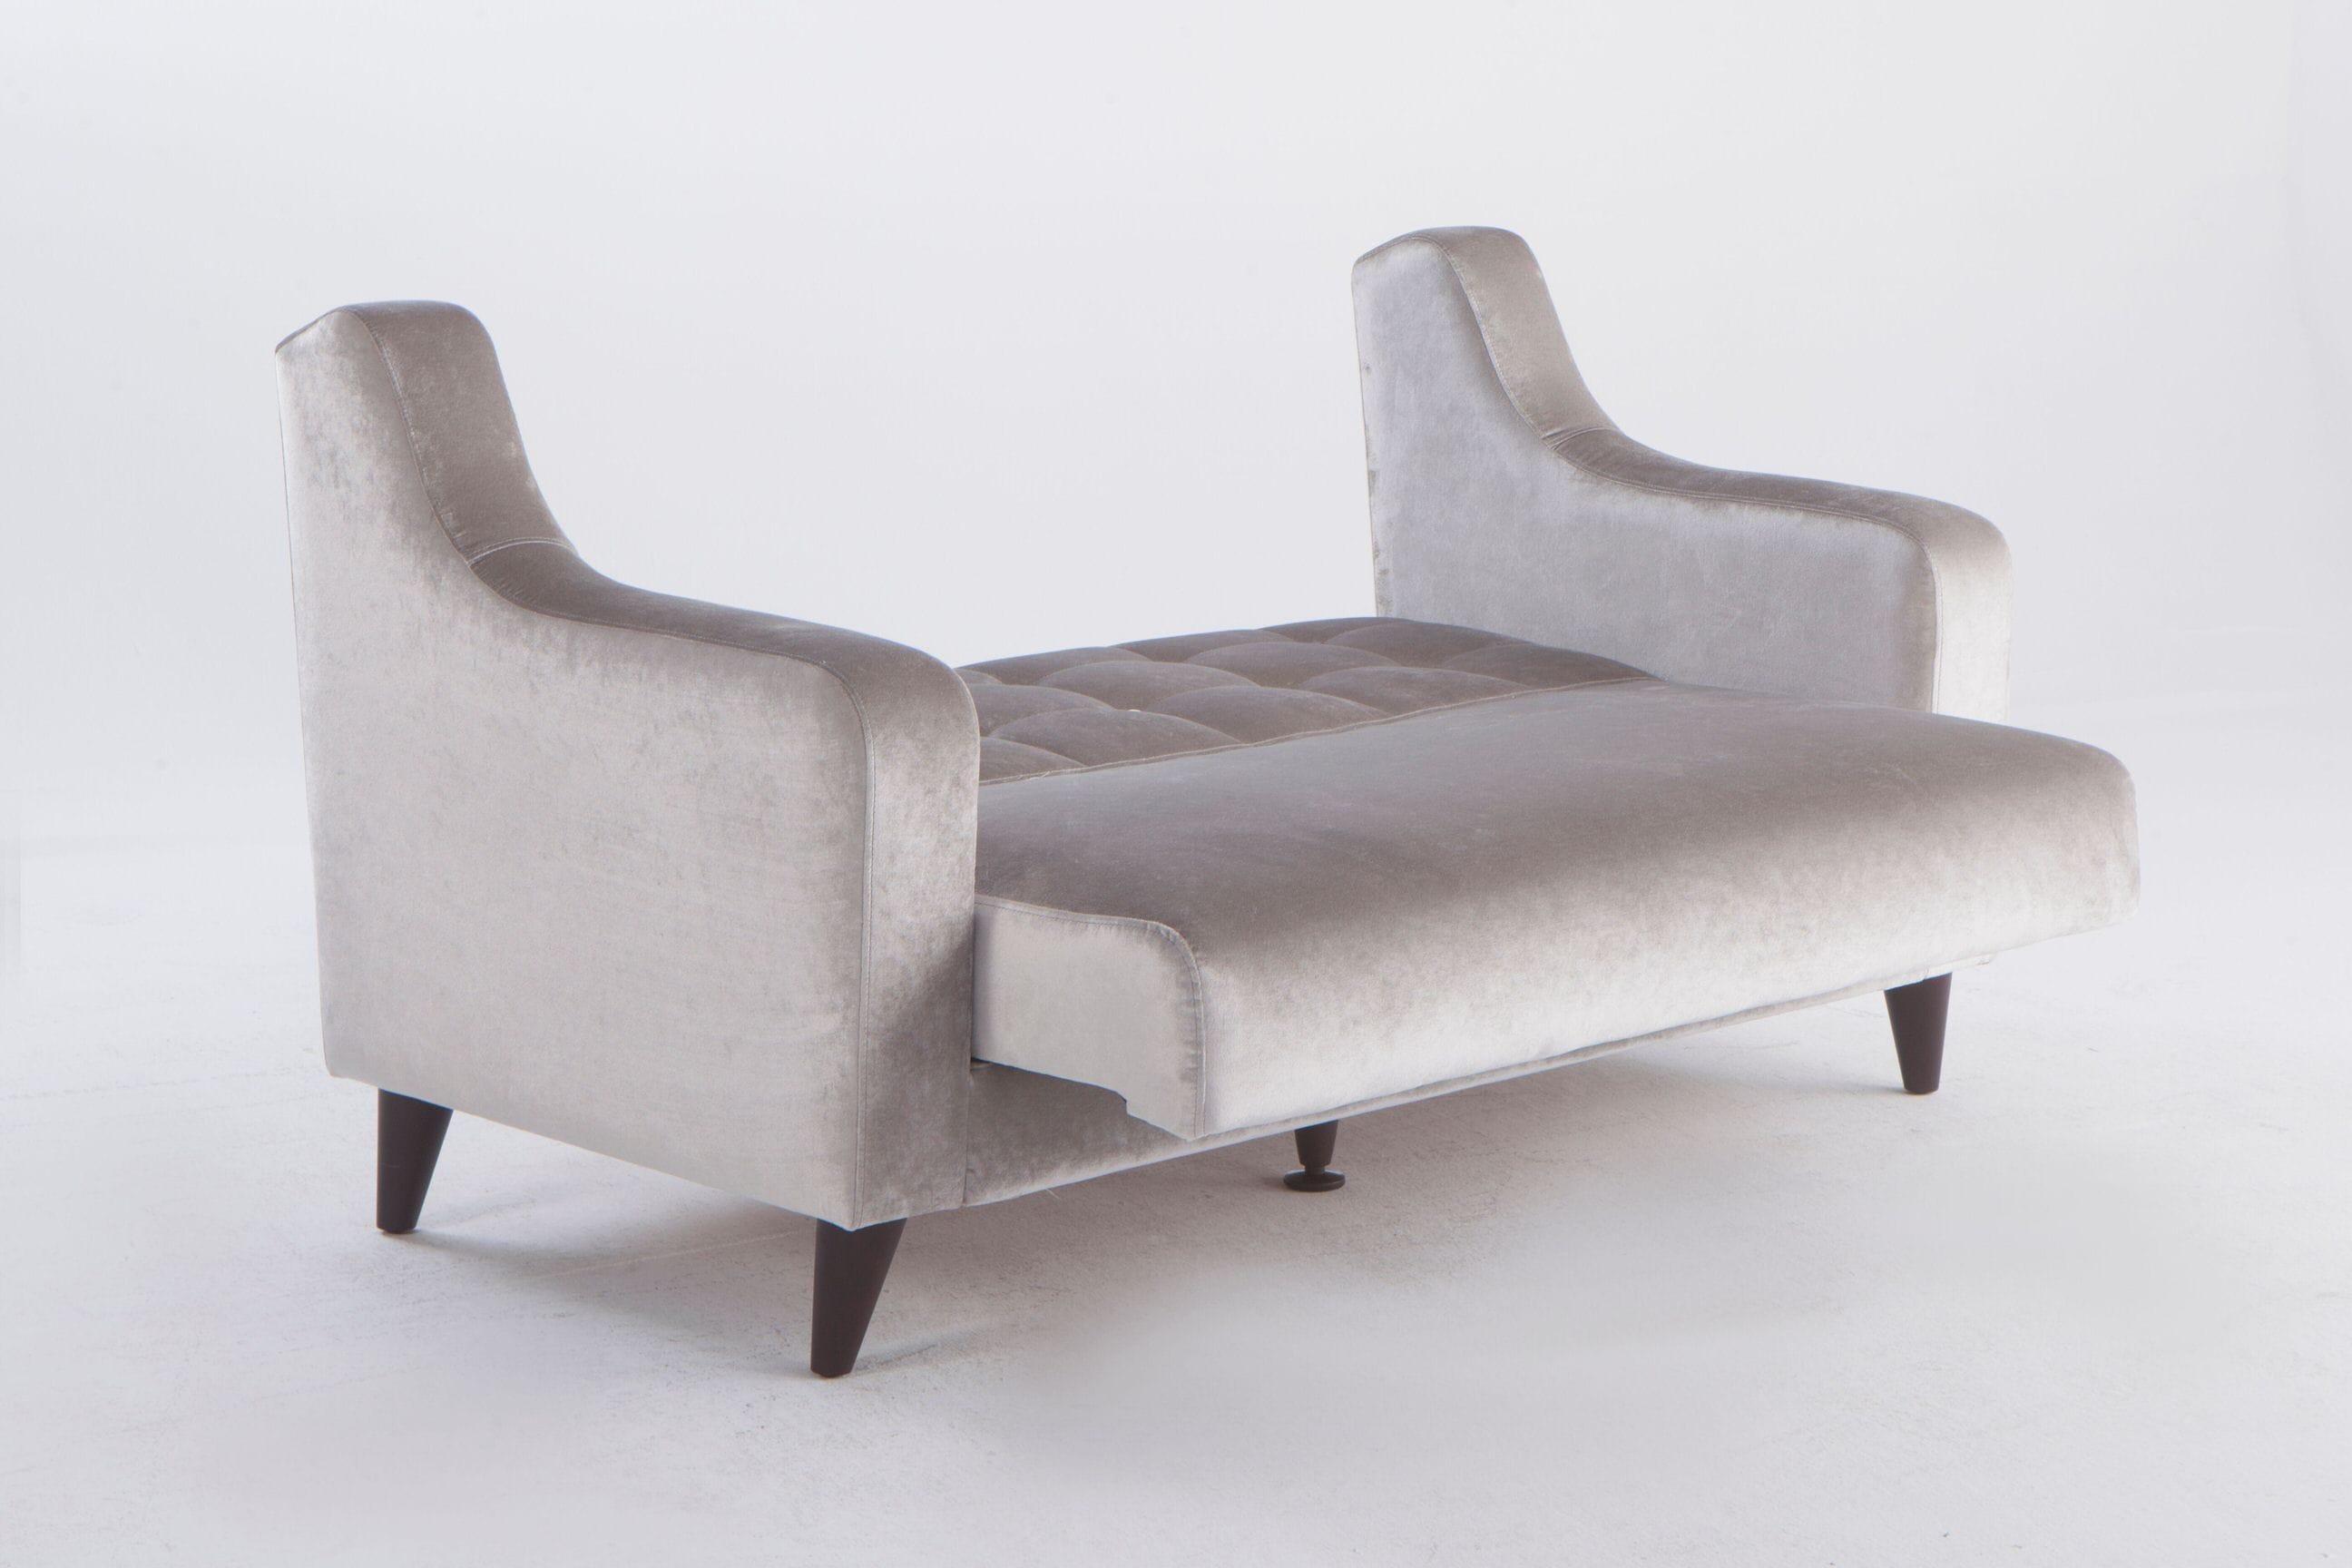 Miraculous Blair Deha Grey Sofa Love Chair Set By Istikbal Furniture Machost Co Dining Chair Design Ideas Machostcouk